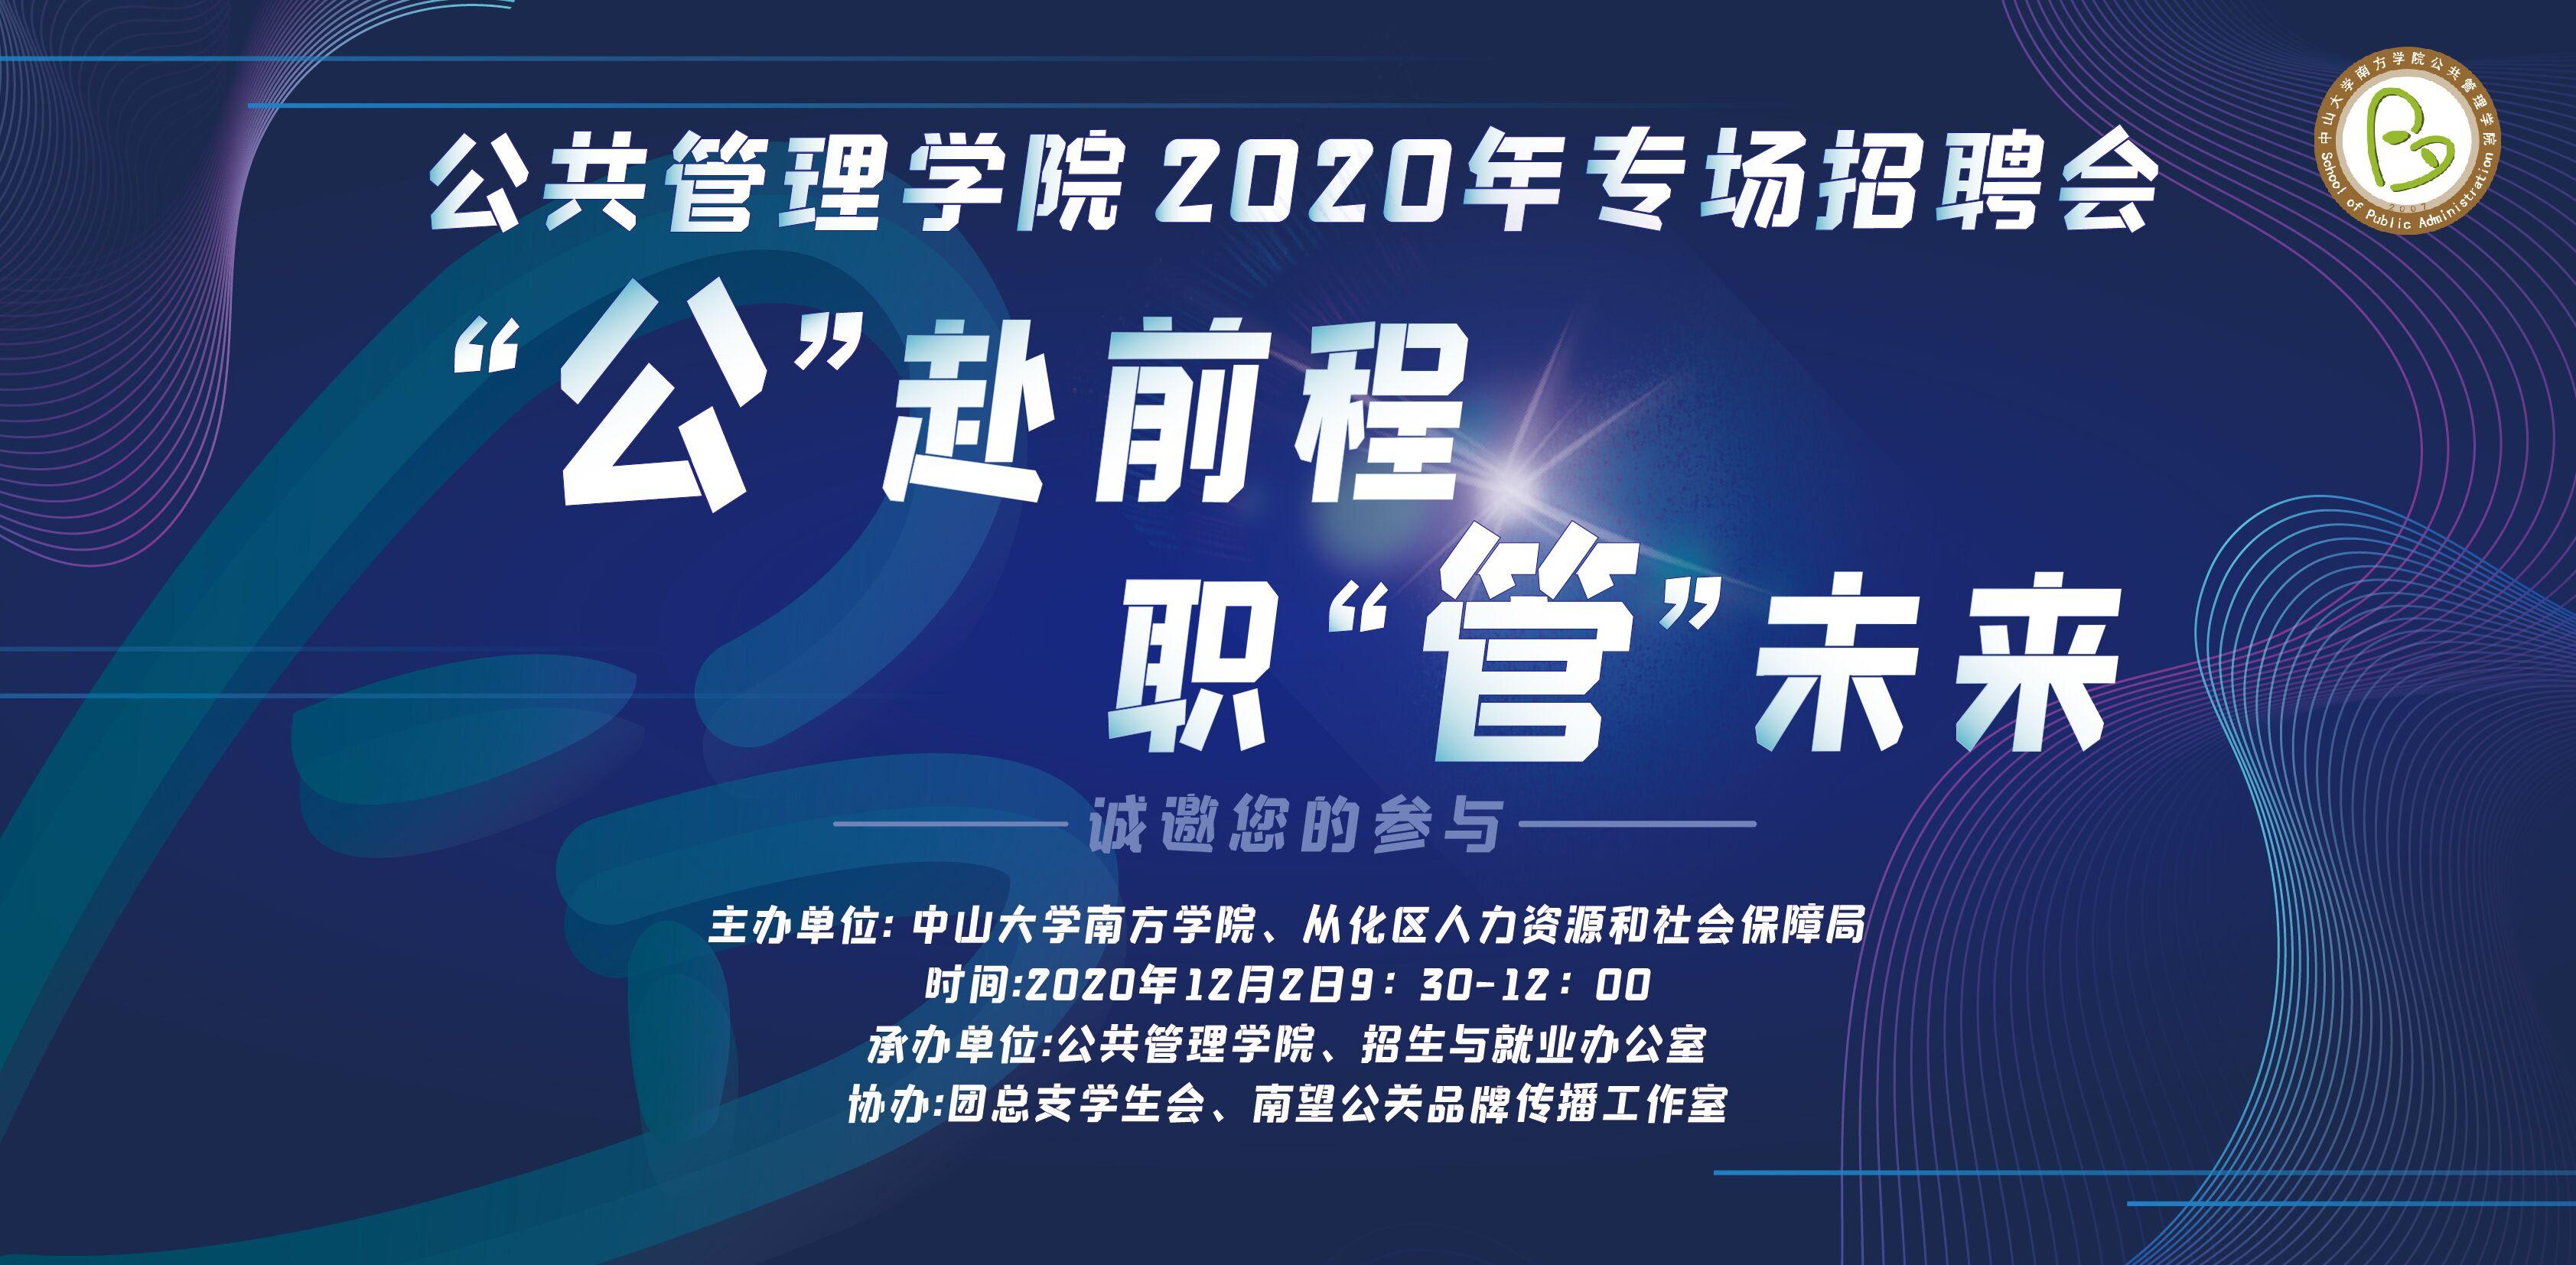 公共管理学院2020年专场招聘会